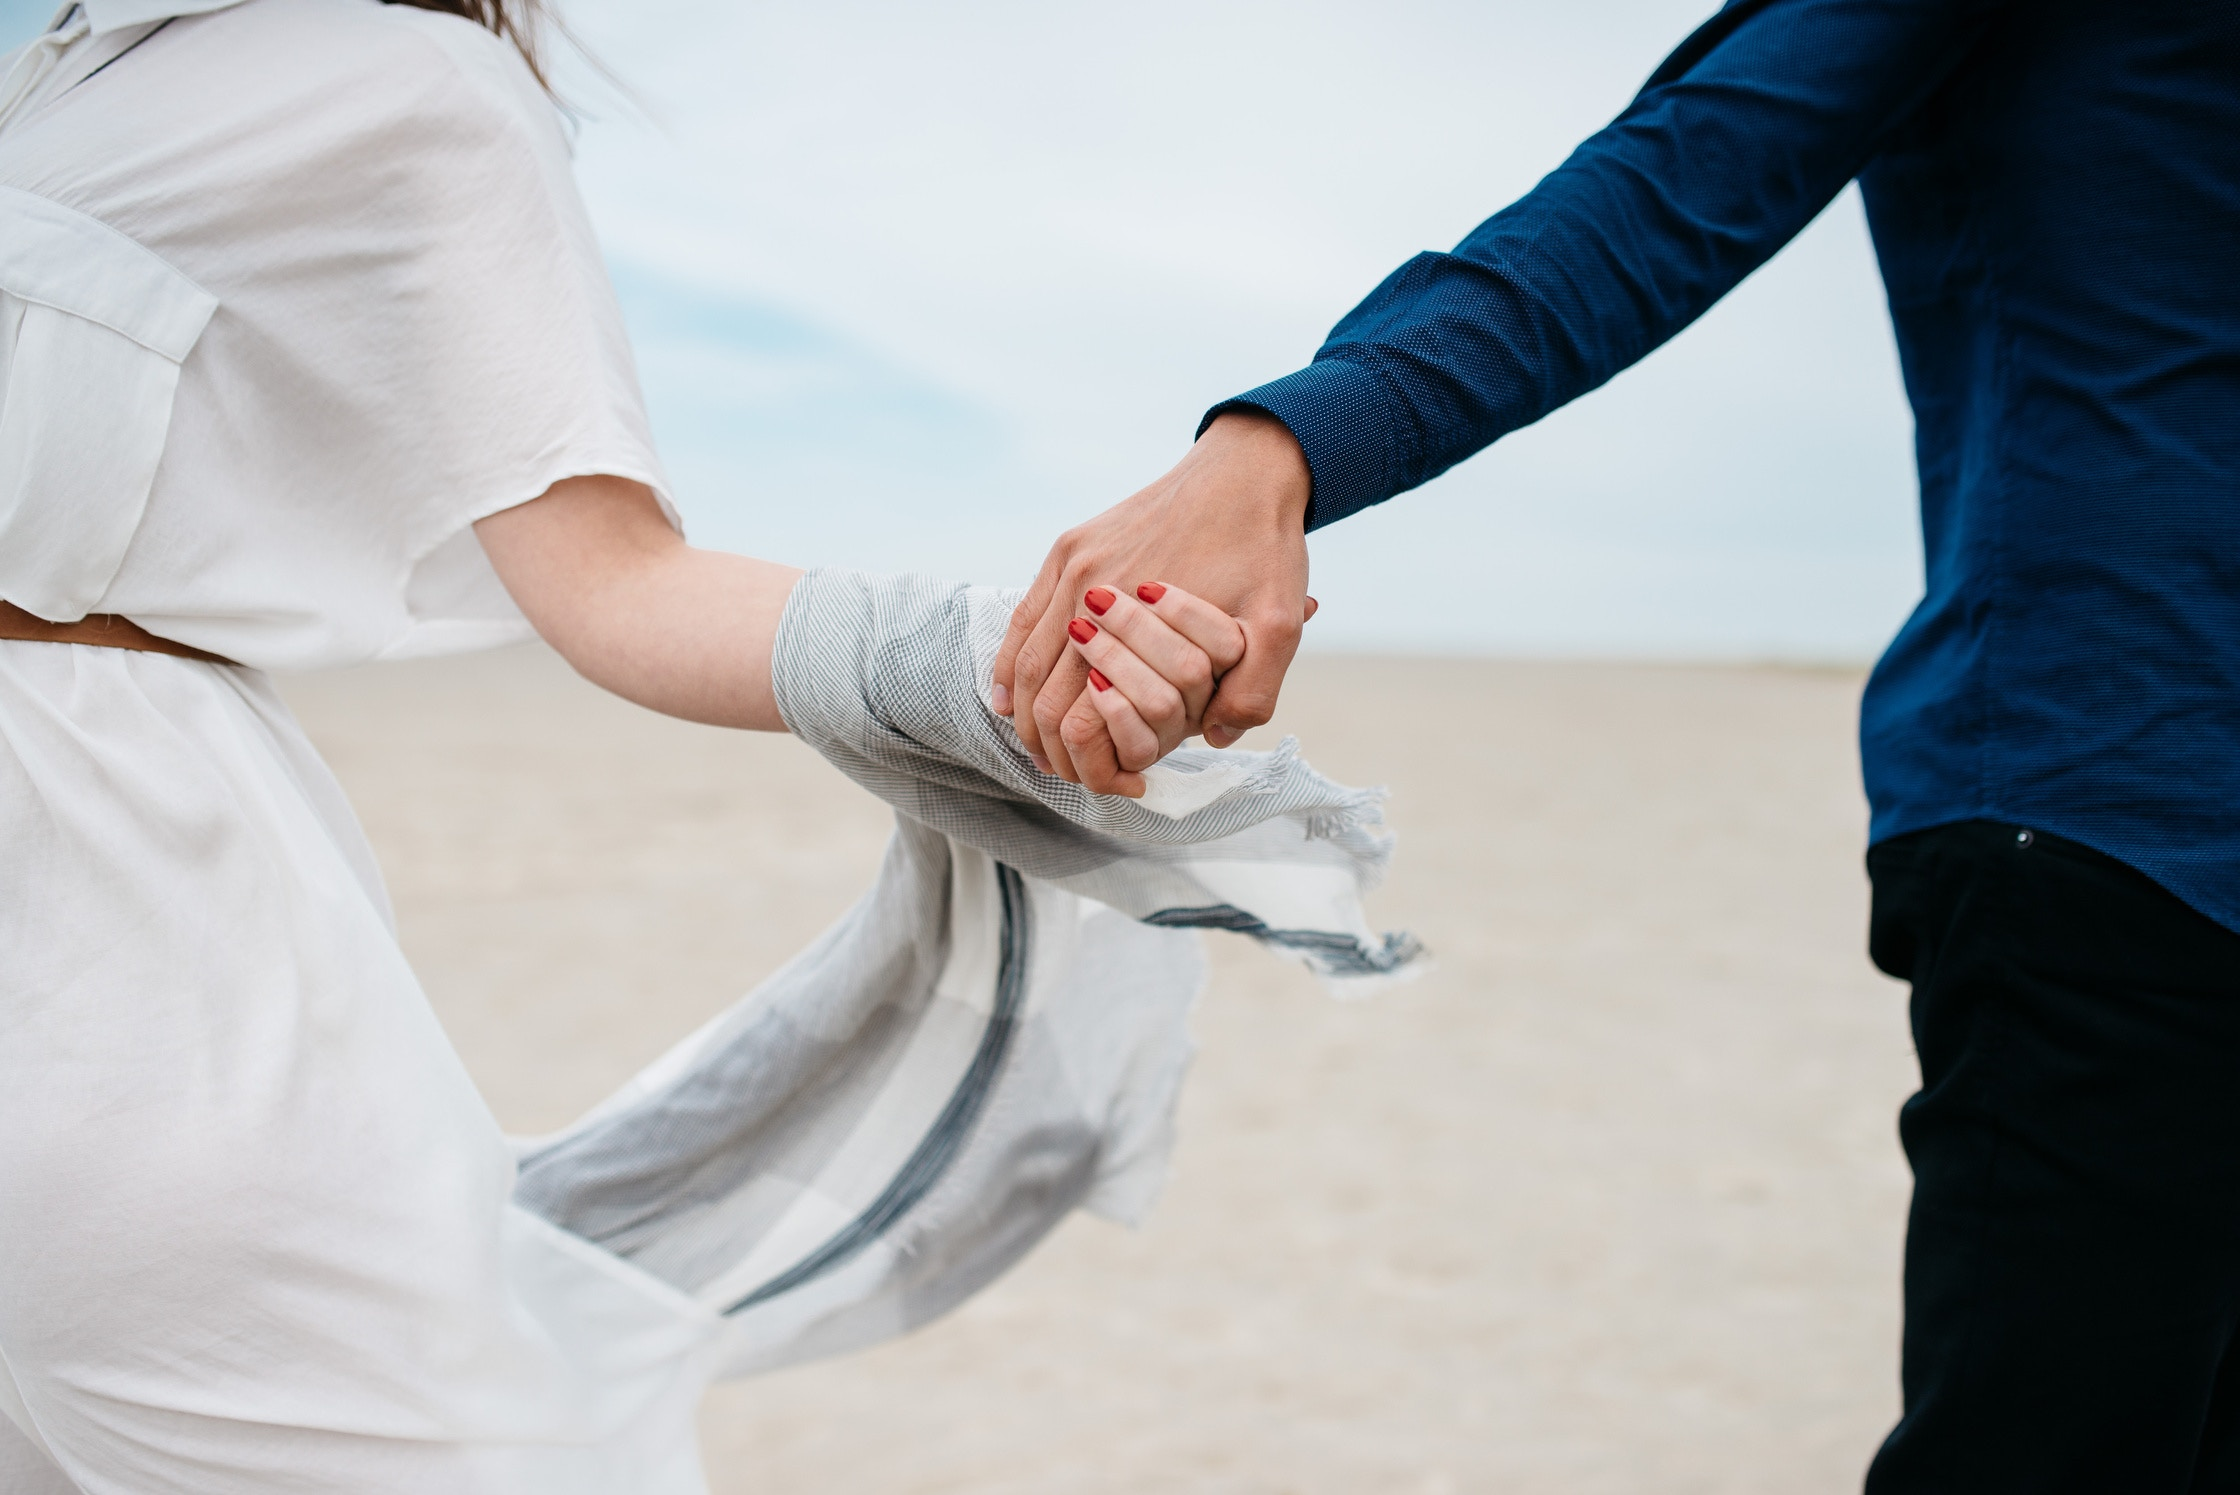 jak wpłynąć na zachowanie partnera?